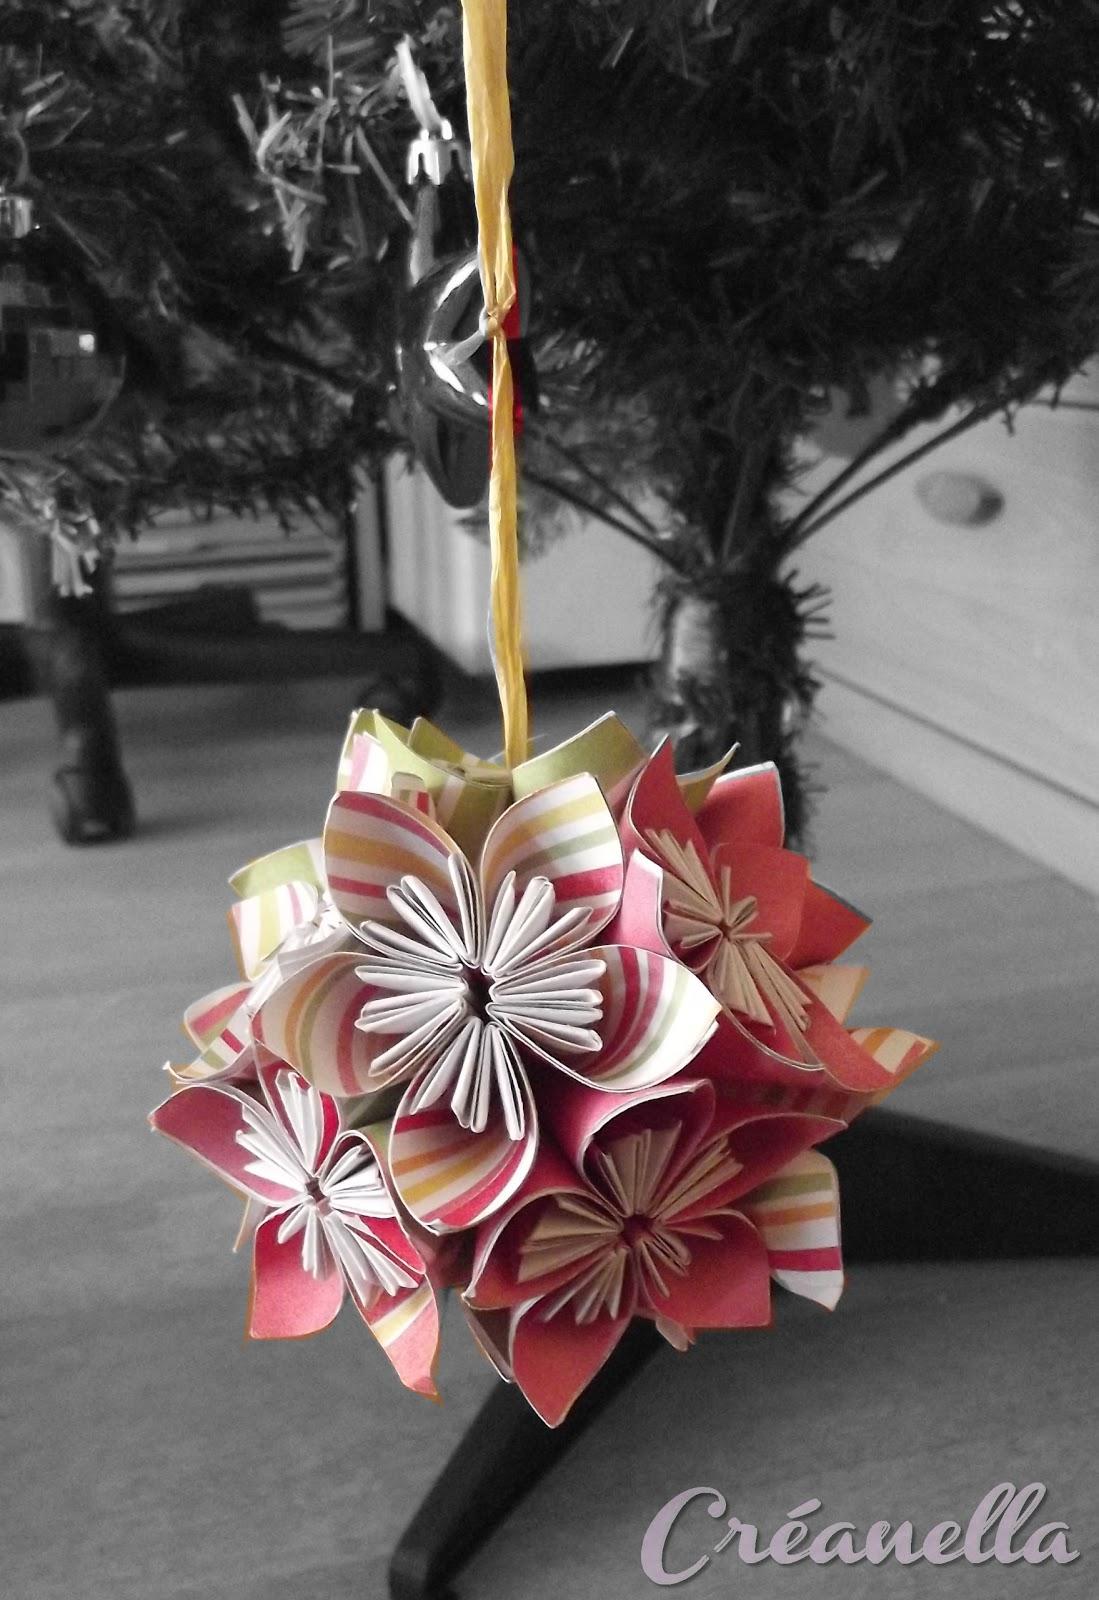 #98333D Créanella Atelier Créatif: Déco De Noel En Papier 7018 Deco De Noel Origami 1099x1600 px @ aertt.com